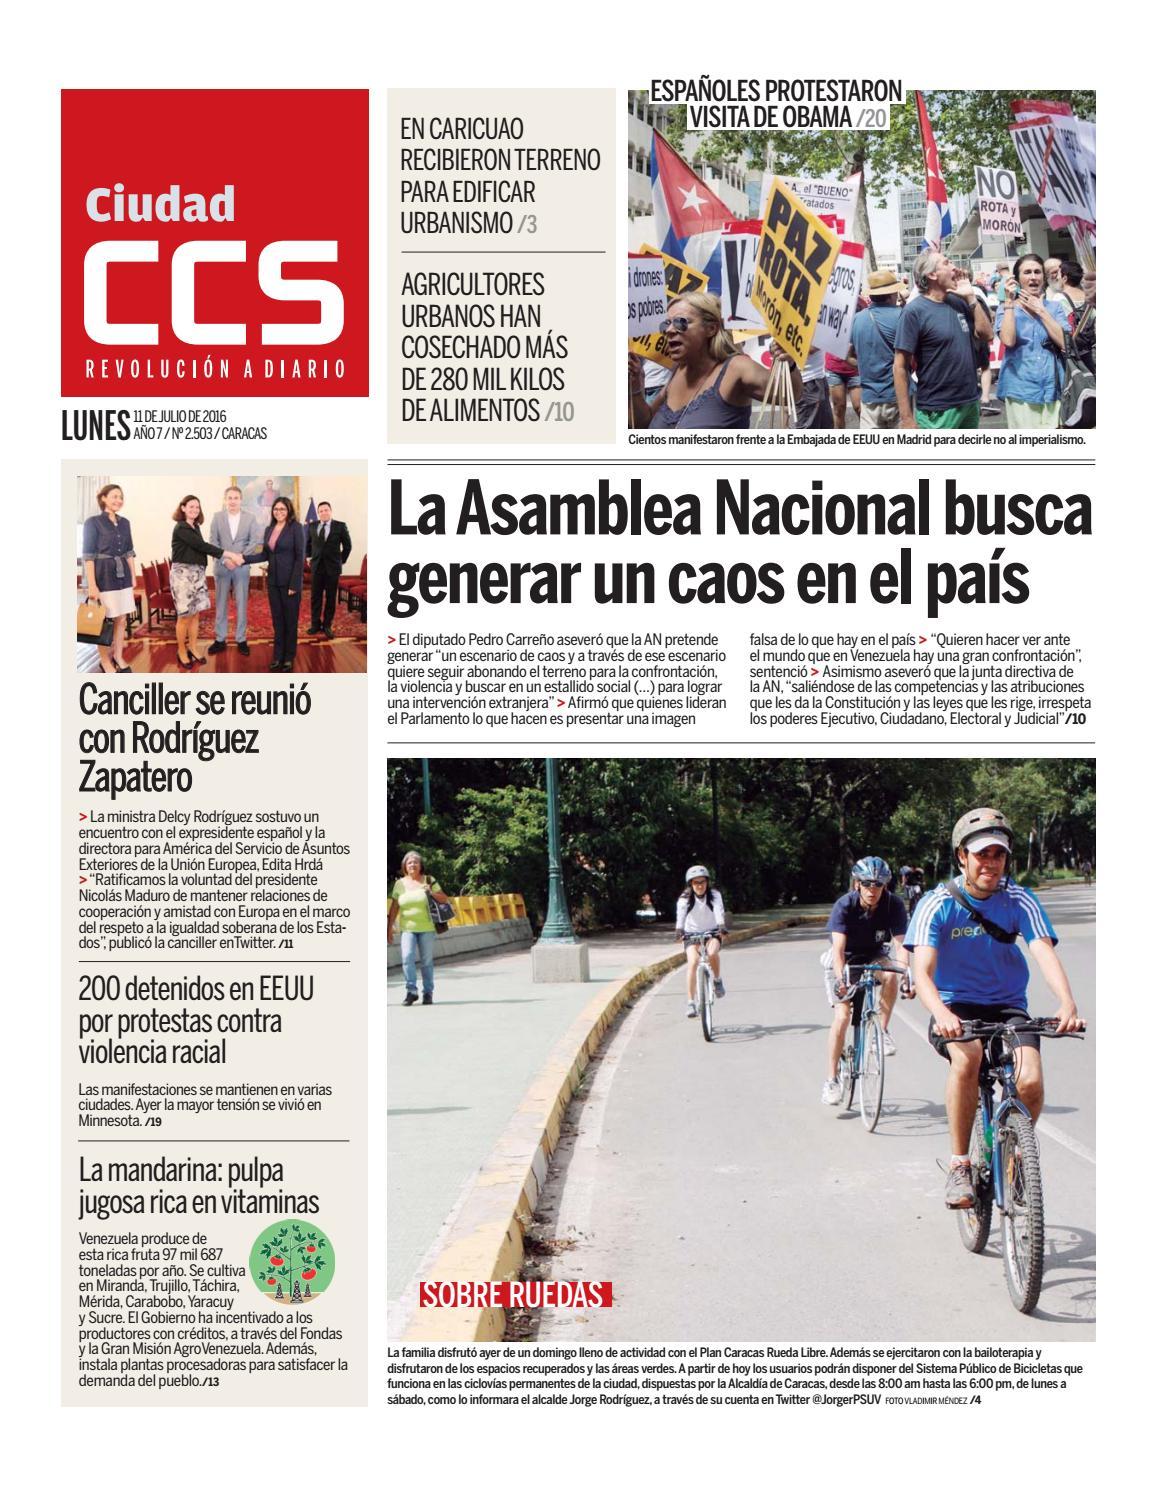 11/07/16 by Ciudad CCS - issuu